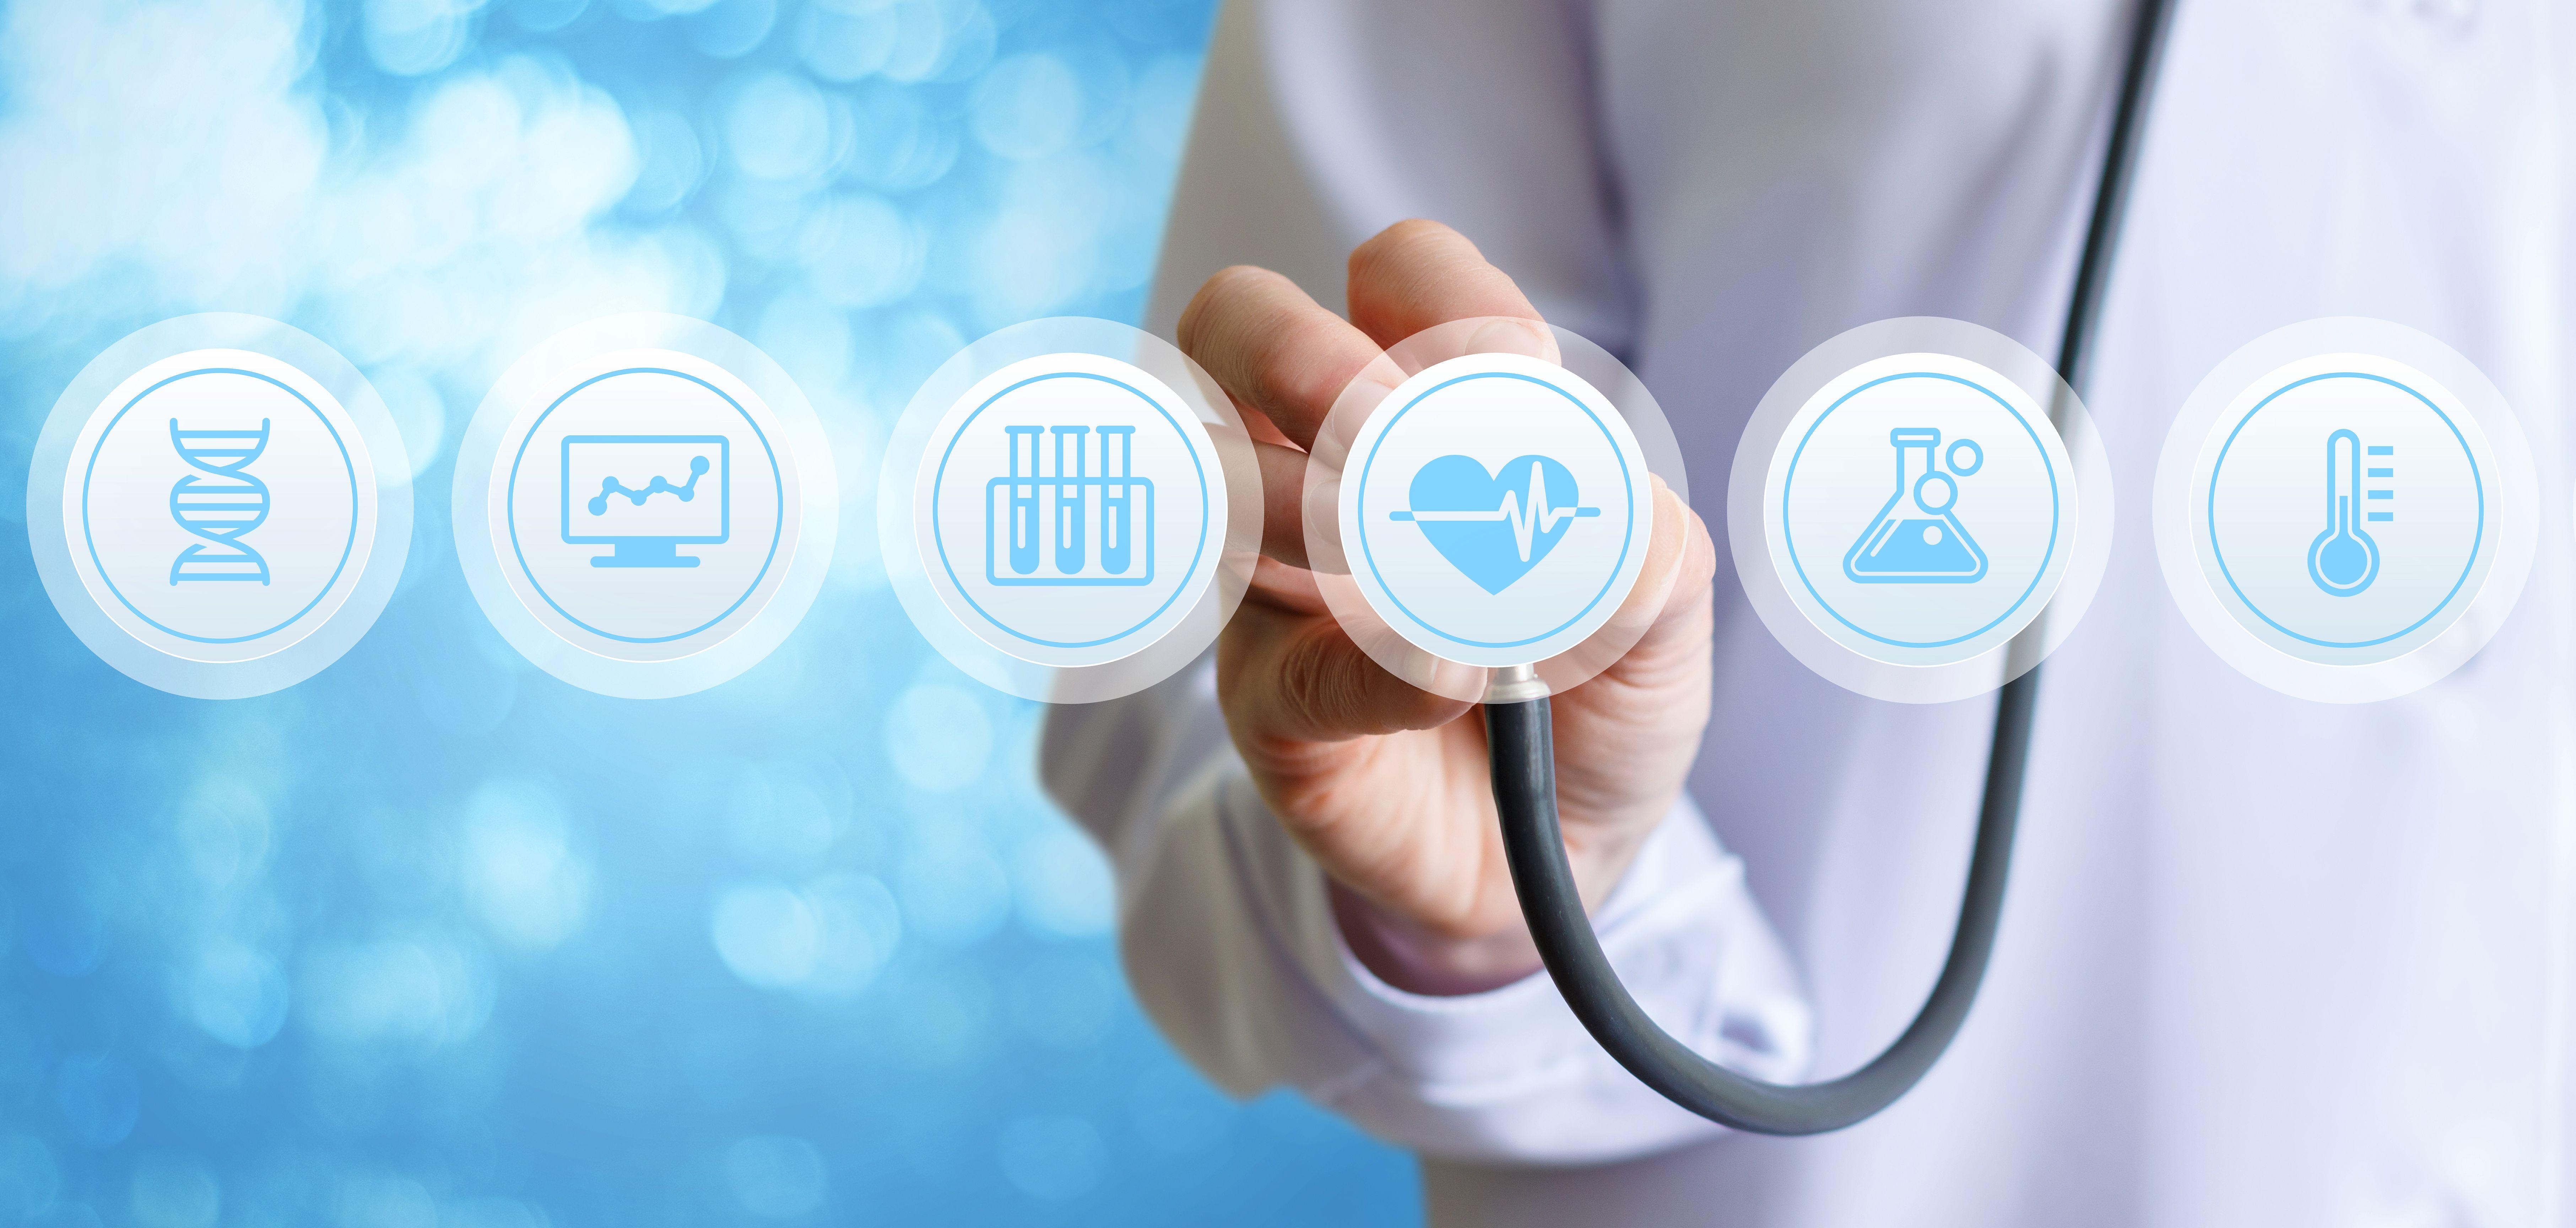 Farmacia salud y calidad del medicamento Tenerife